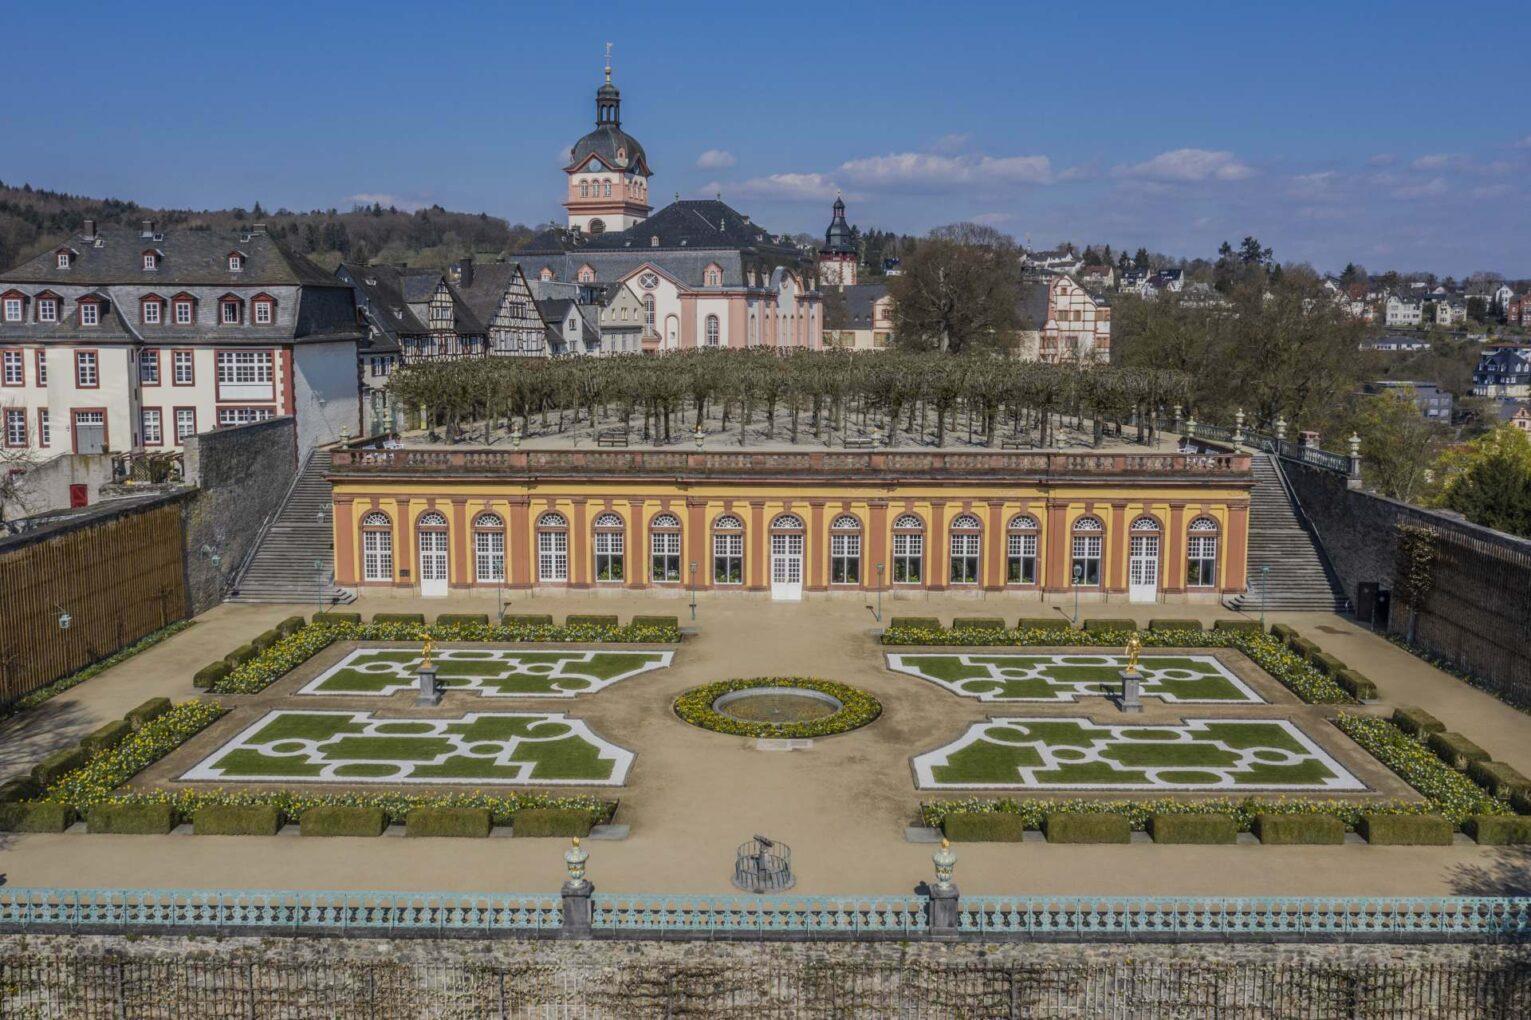 Schloss Weilburg aus der Vogelperspektive